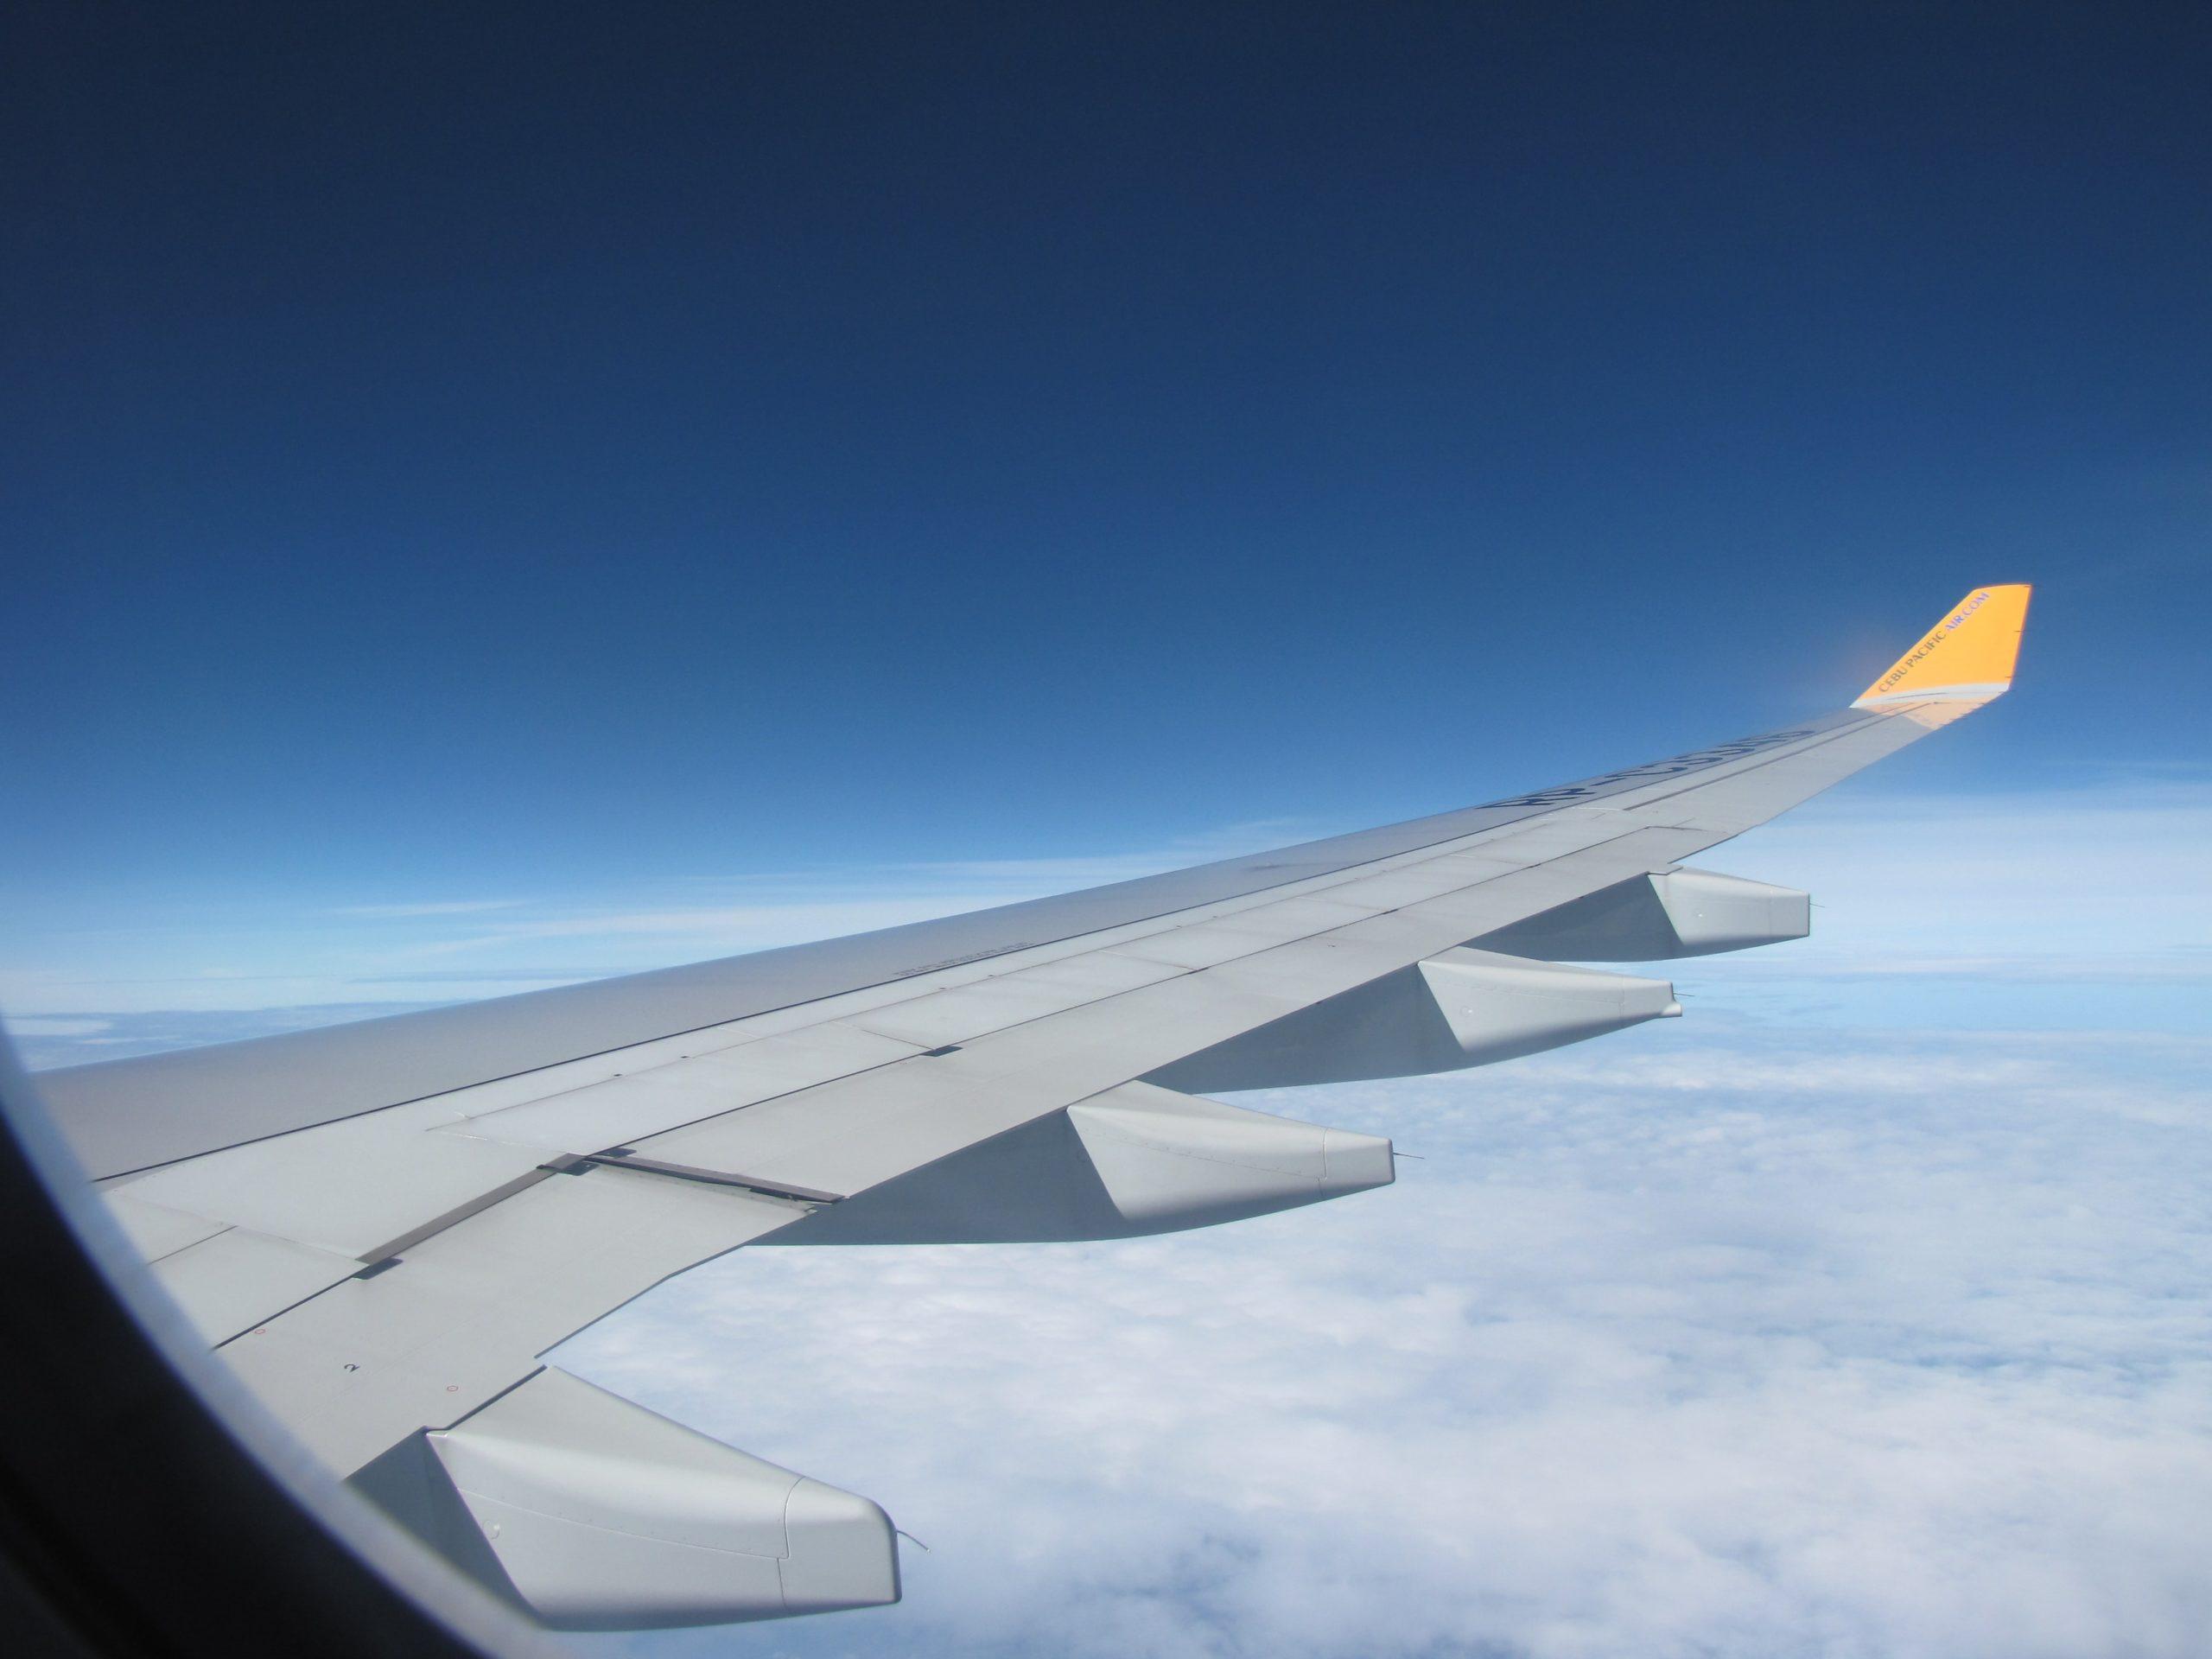 AIR DO(エアードゥ)でWi-Fiは使える機内での暇つぶしや過ごし方を解説!